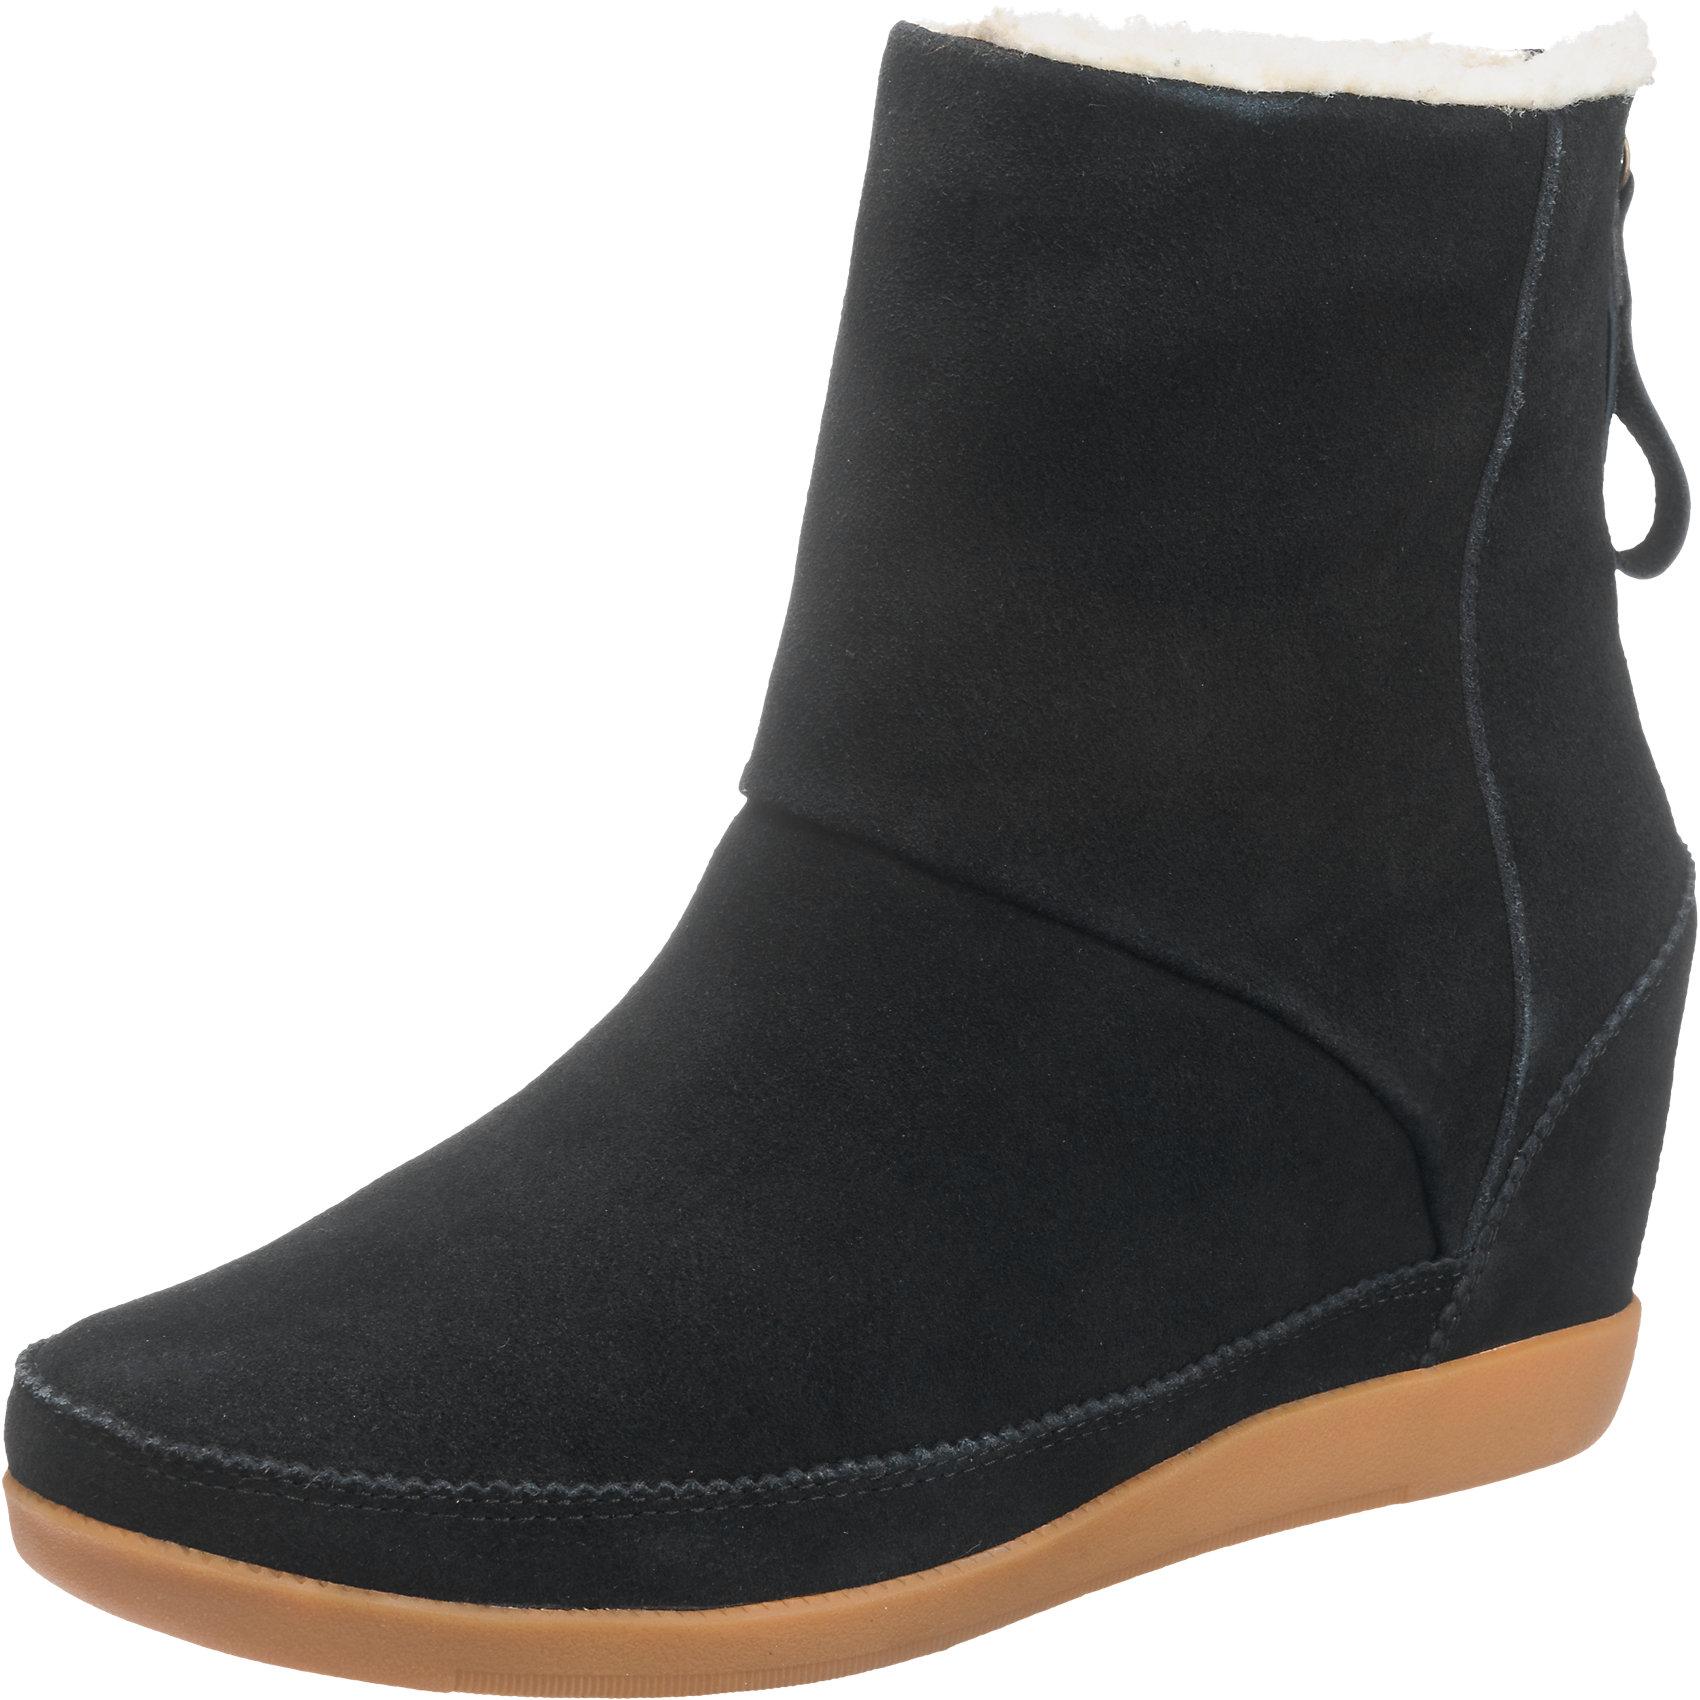 Neu shoe the bear Emmy Fur Stiefeletten 5777253 für Damen schwarz braun